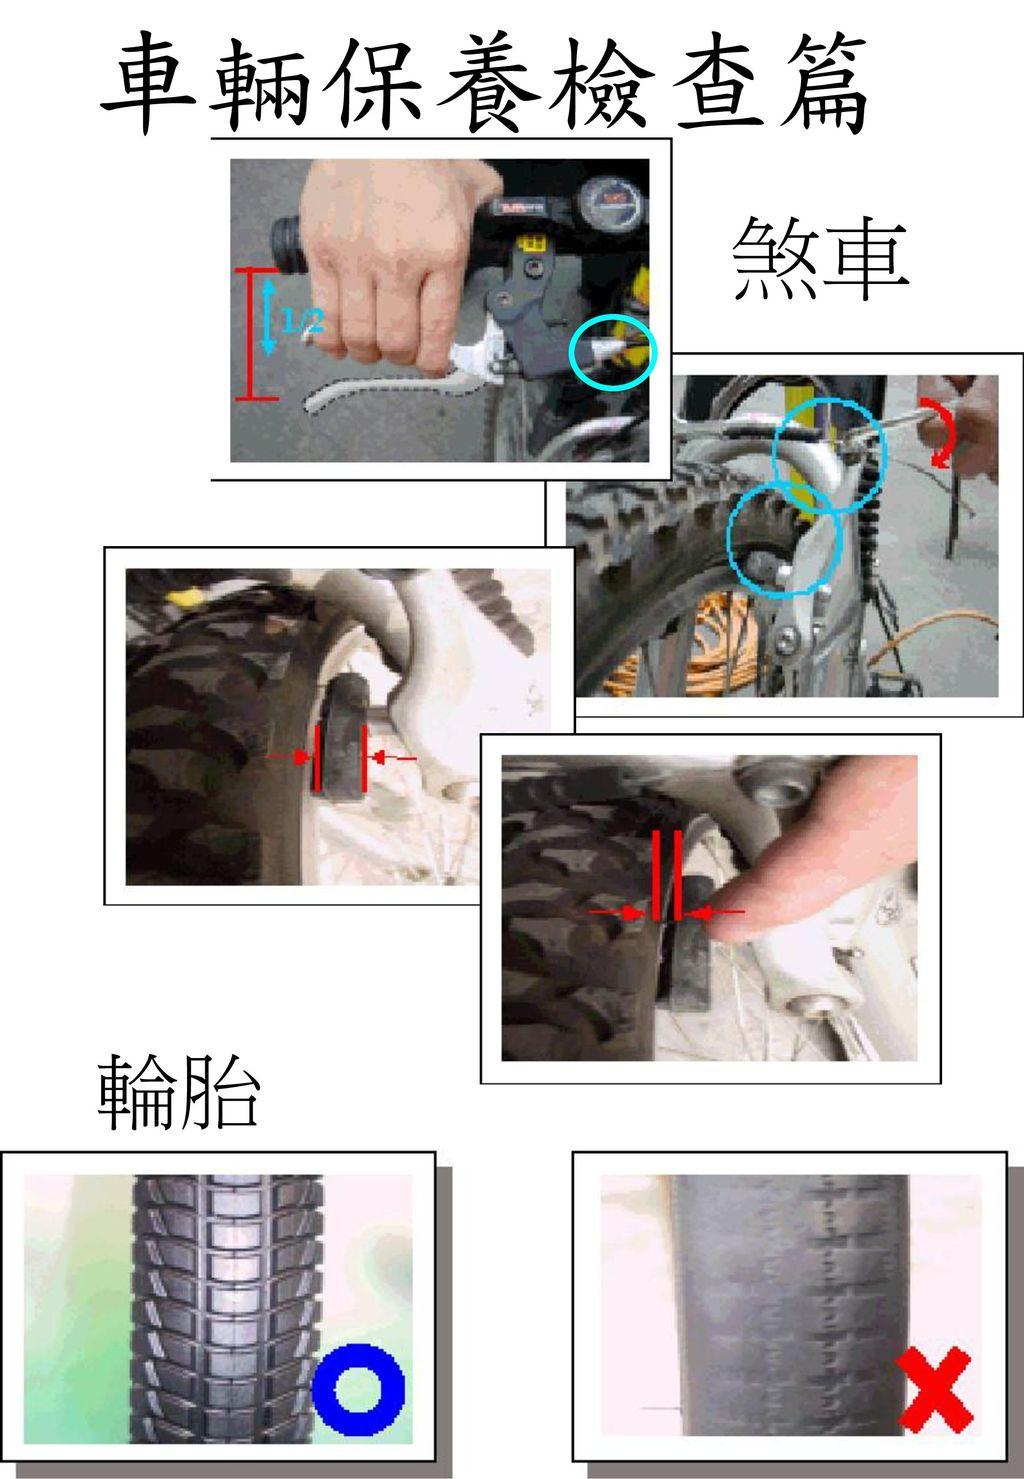 車輛保養檢查篇 煞車 輪胎